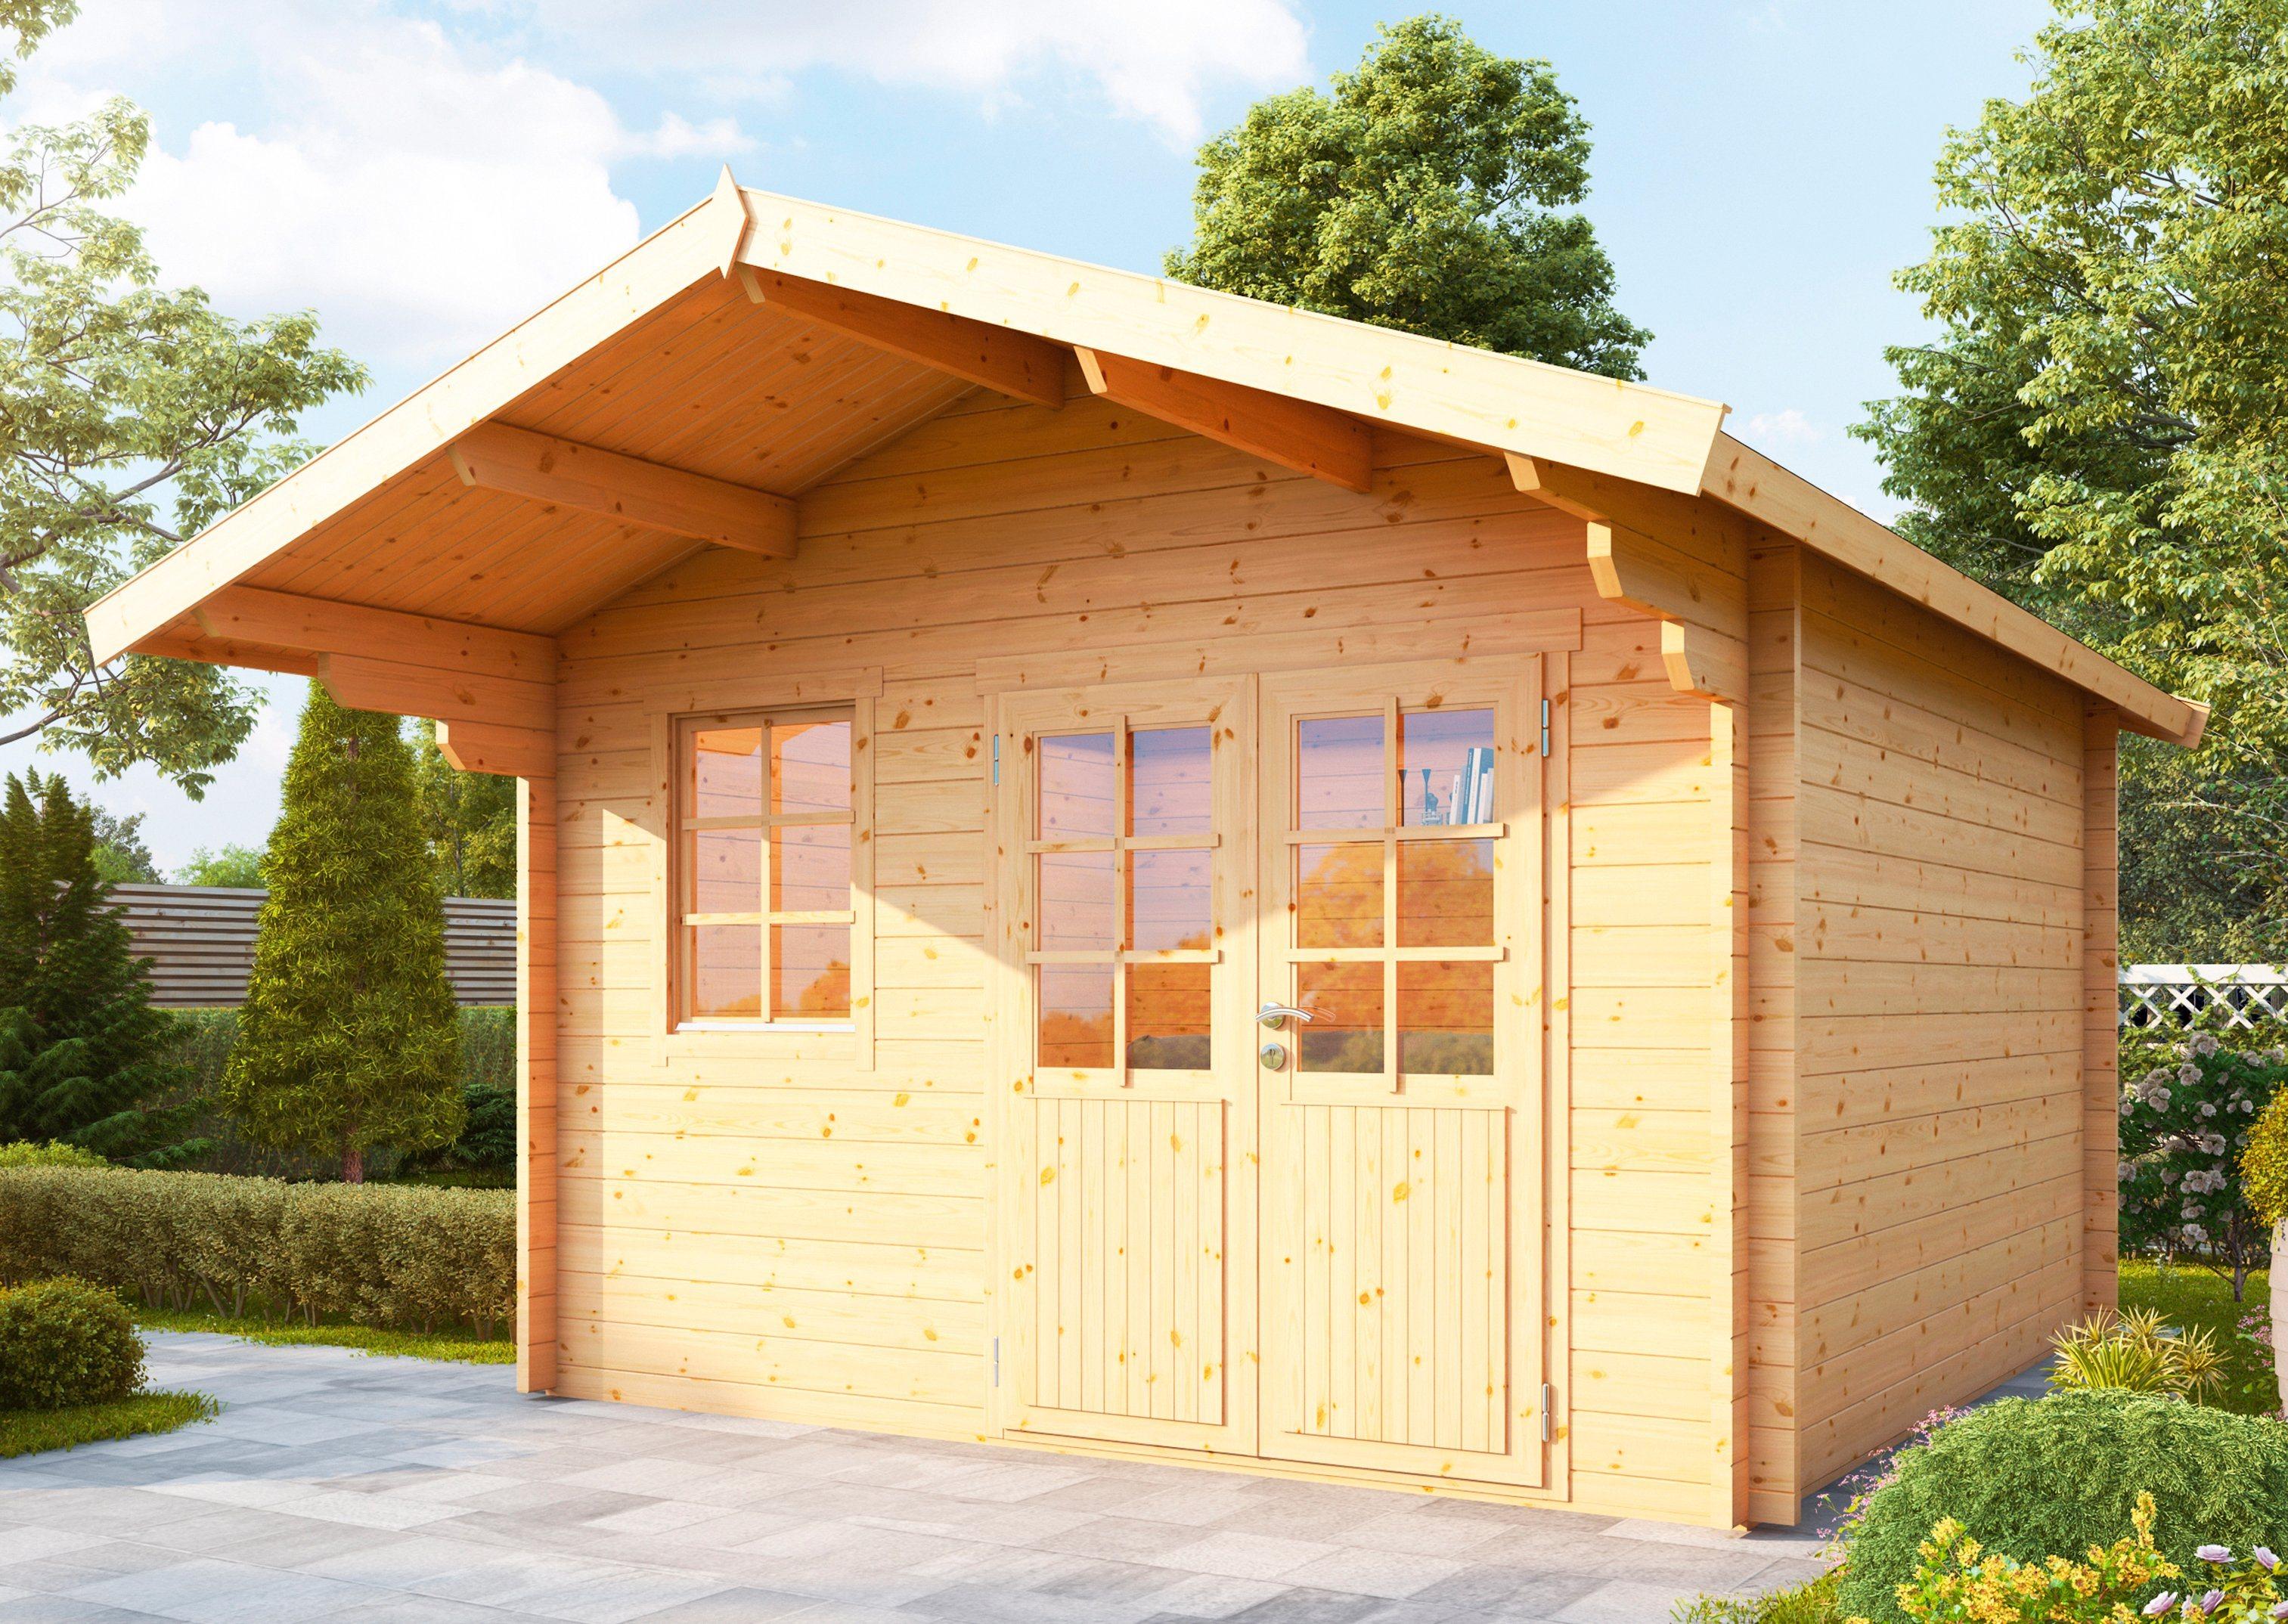 WOLFF Gartenhaus »Lisa 44-B XL«, BxT: 422x500 cm | Garten > Gartenhäuser | Wolff